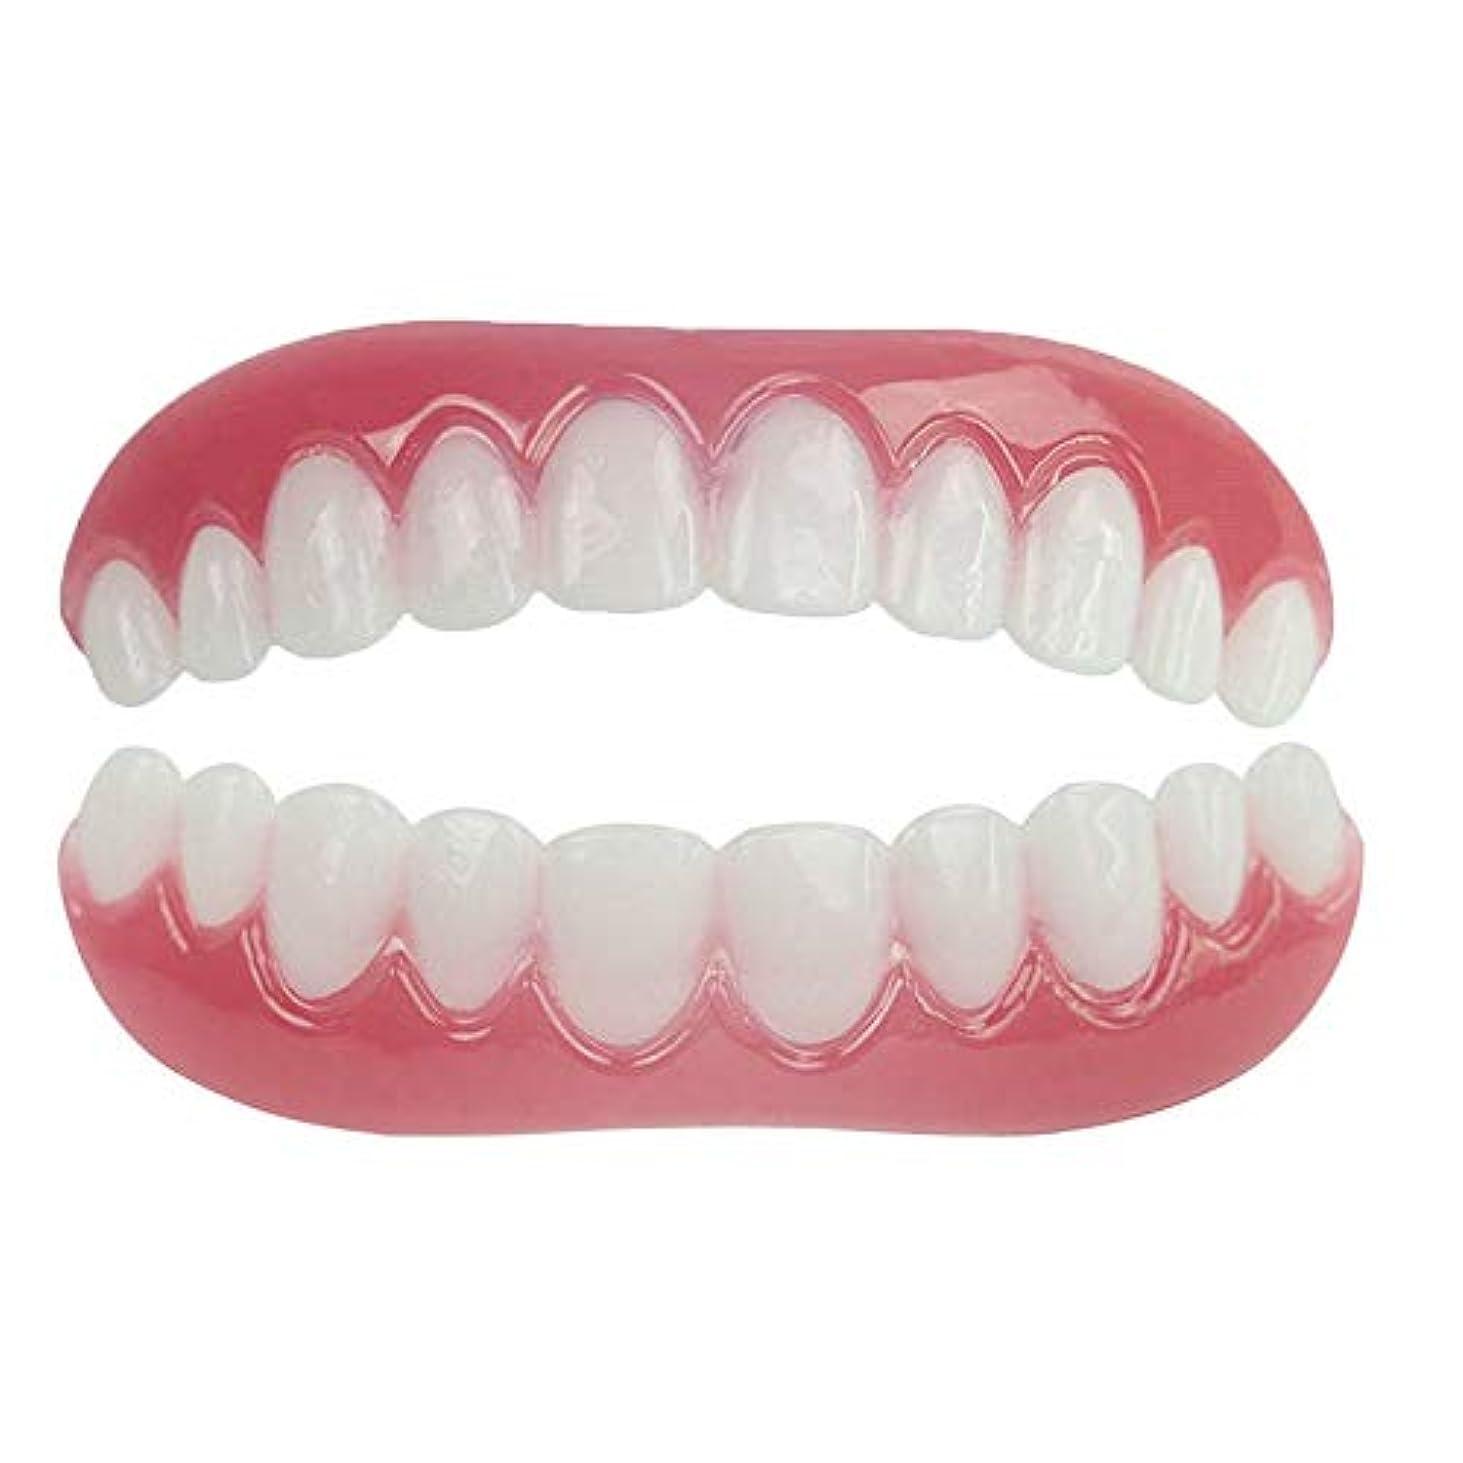 するだろううんざり集中的なシリコンシミュレーションの上部および下部義歯スリーブ、歯科用ベニヤホワイトニングティーセット(1セット),Boxed,UpperLower